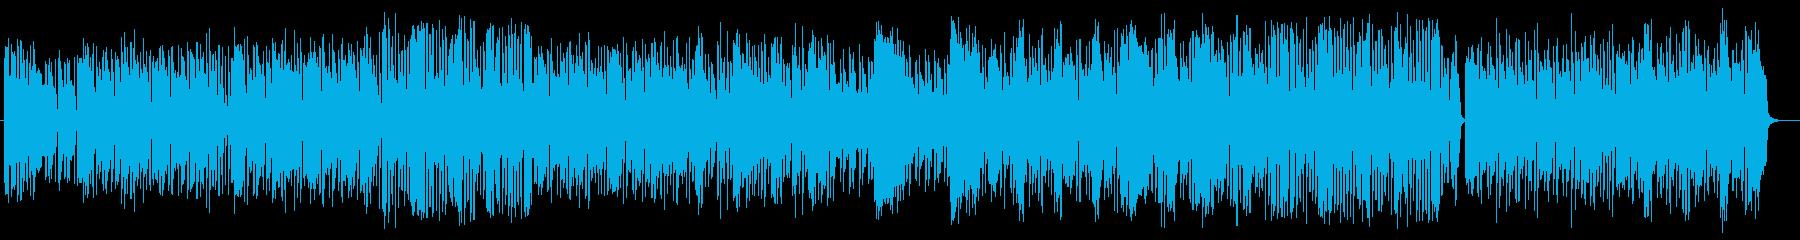 ポップでメルヘンなピアノポップスの再生済みの波形